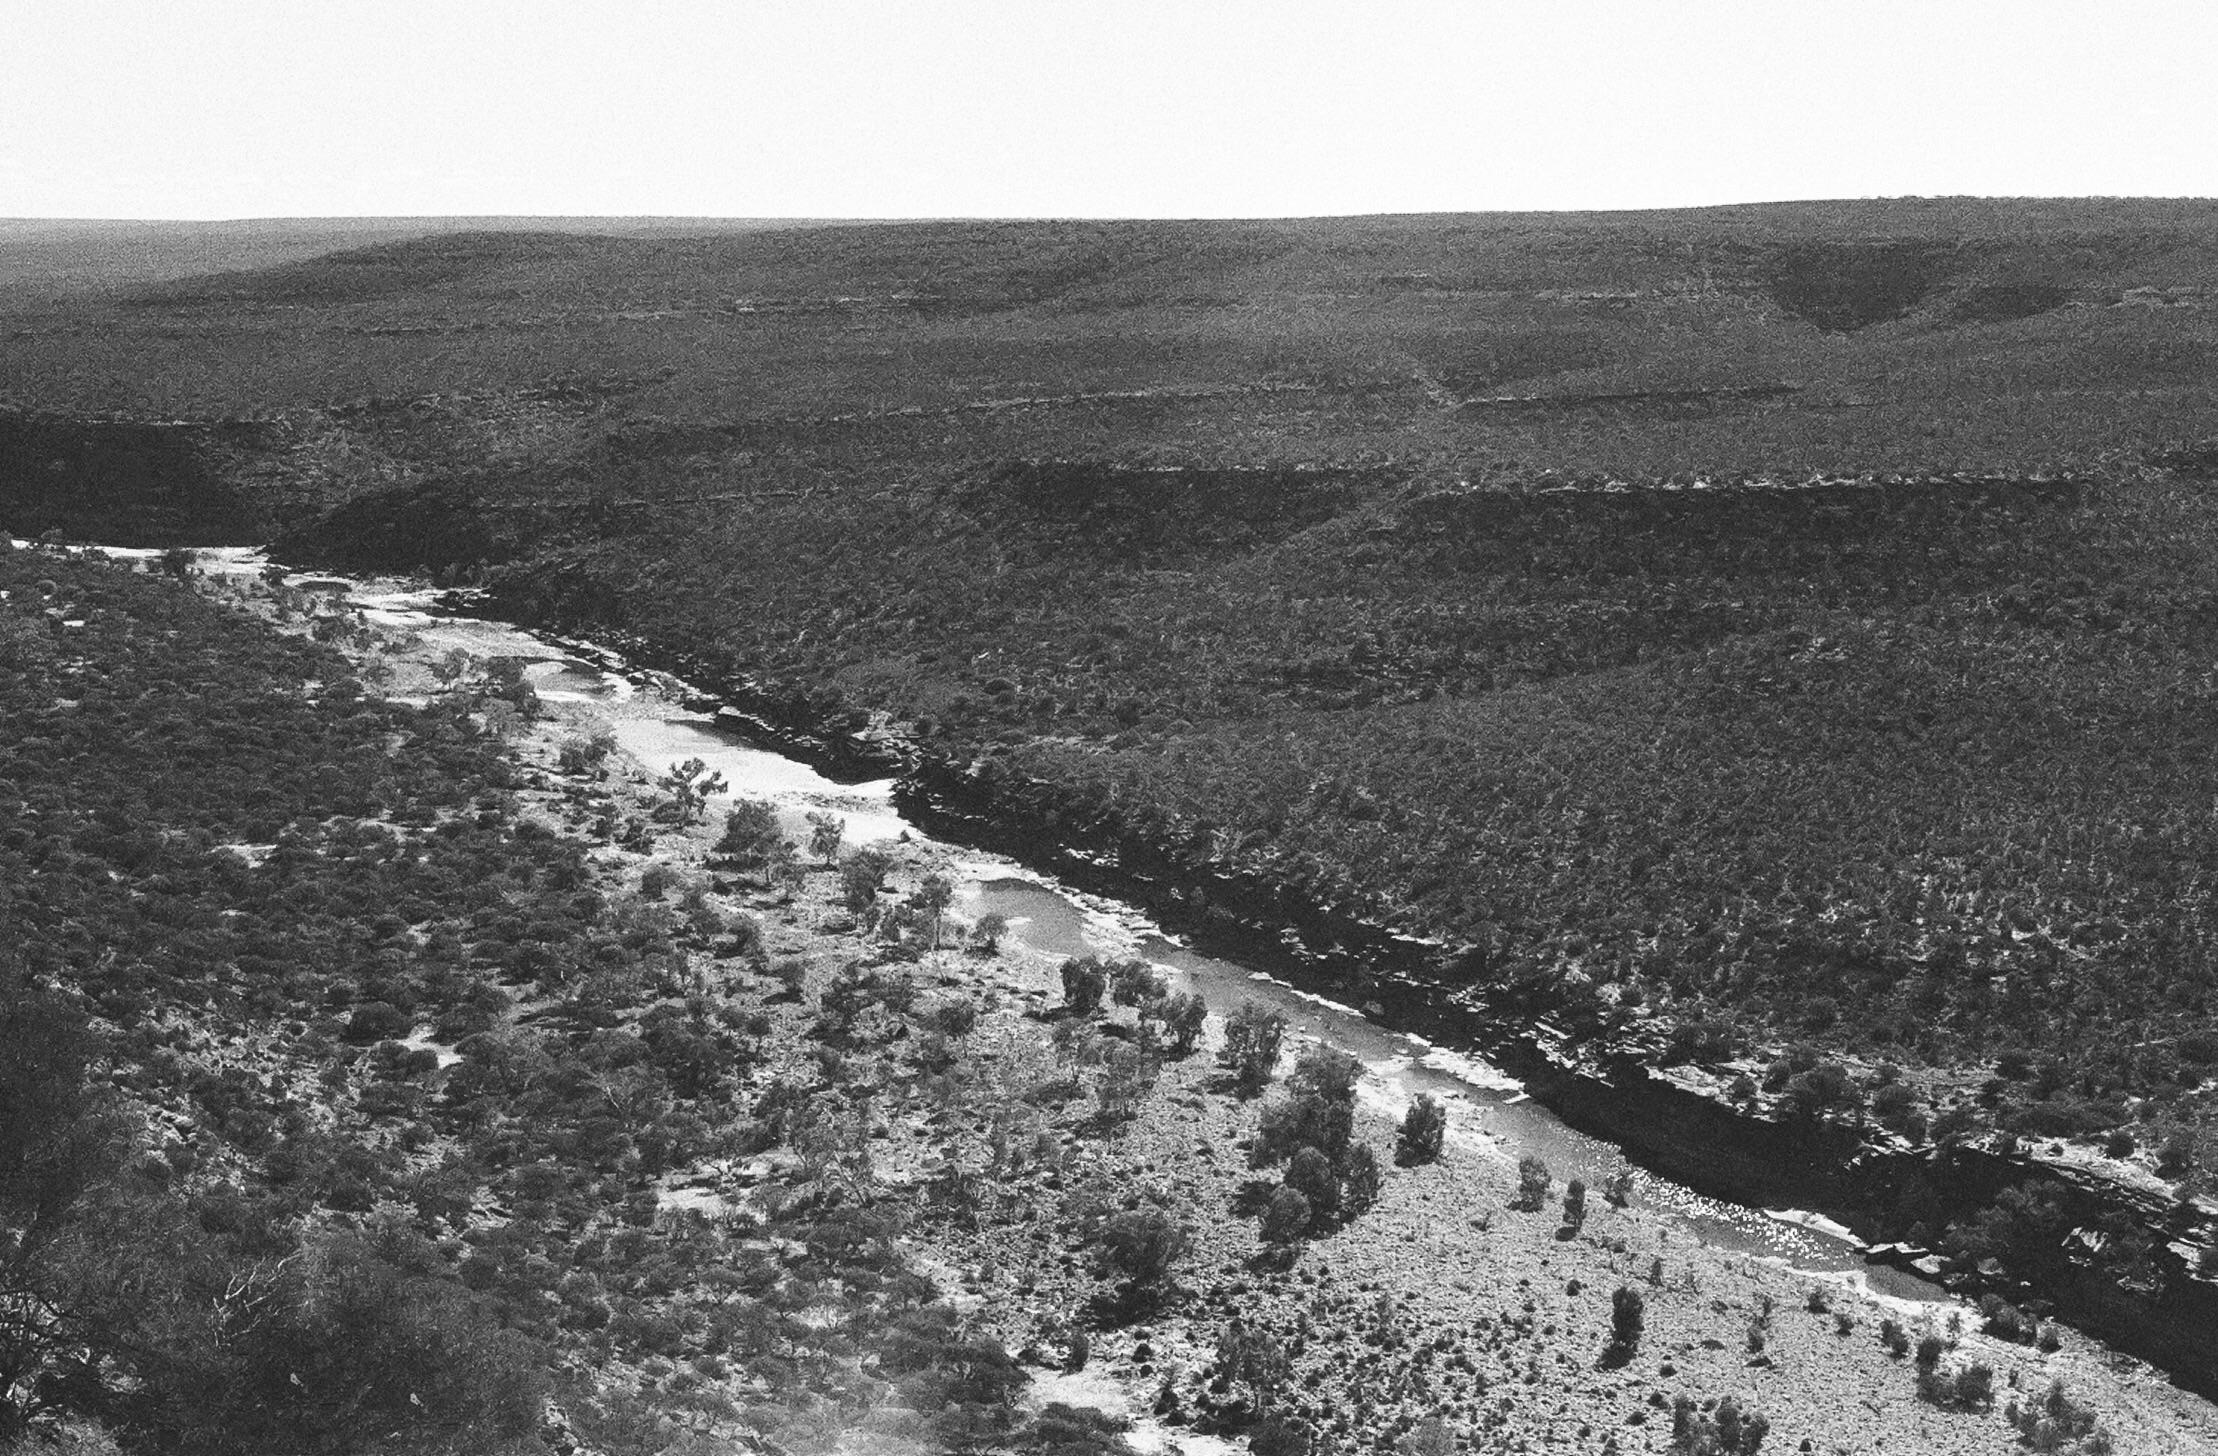 The Murchison in Kalbarri National Park